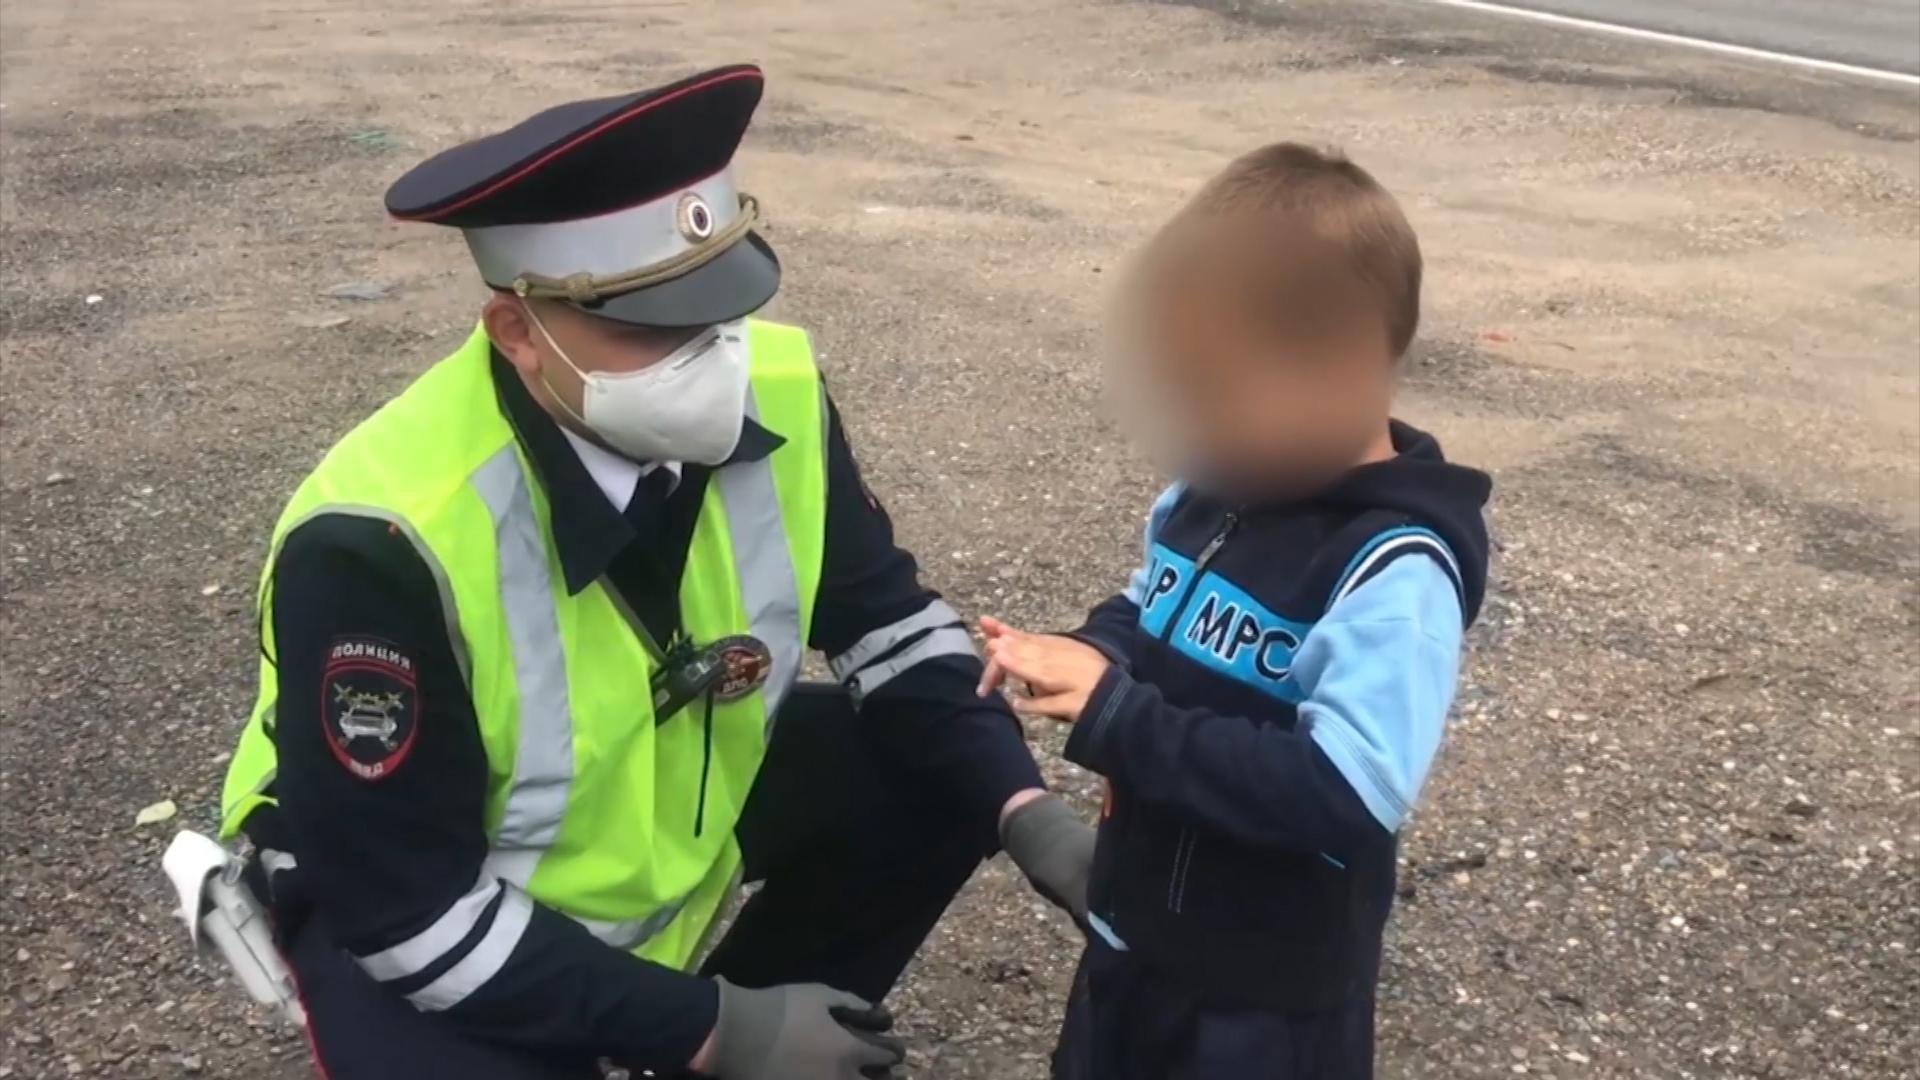 Сотрудники ГИБДД спасли 4-летнего ребенка, блуждавшего по трассе